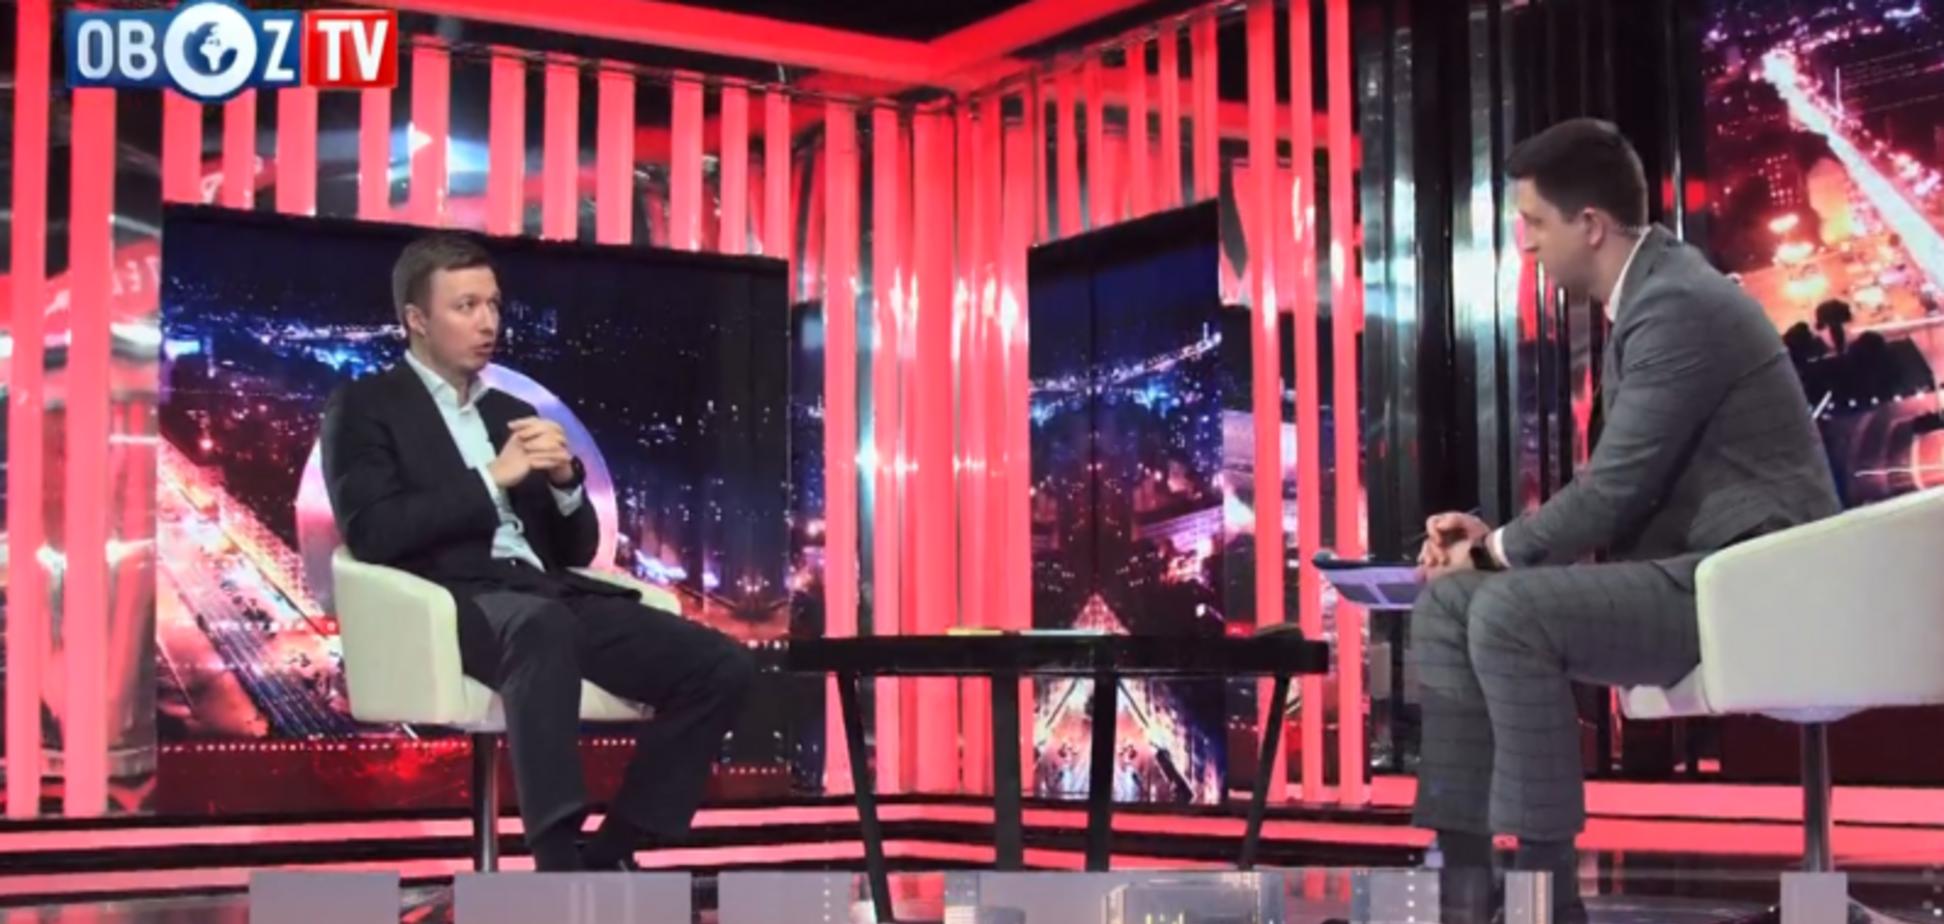 ''Виглядає як провокатор'': політик дав оцінку заявам Медведчука